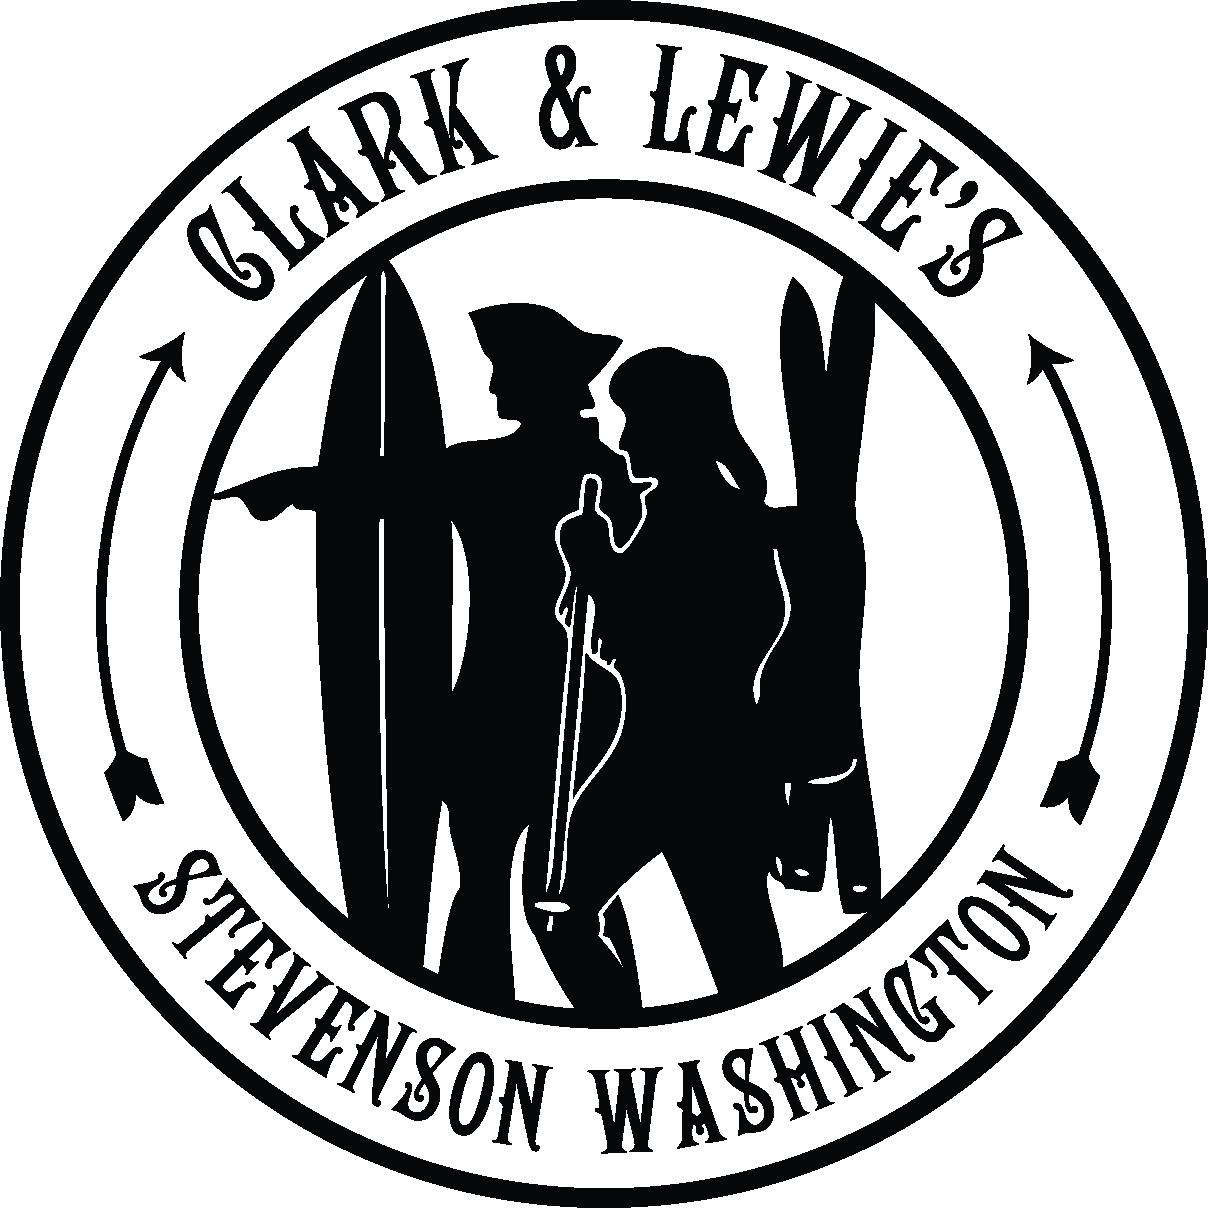 Clark & Lewie's